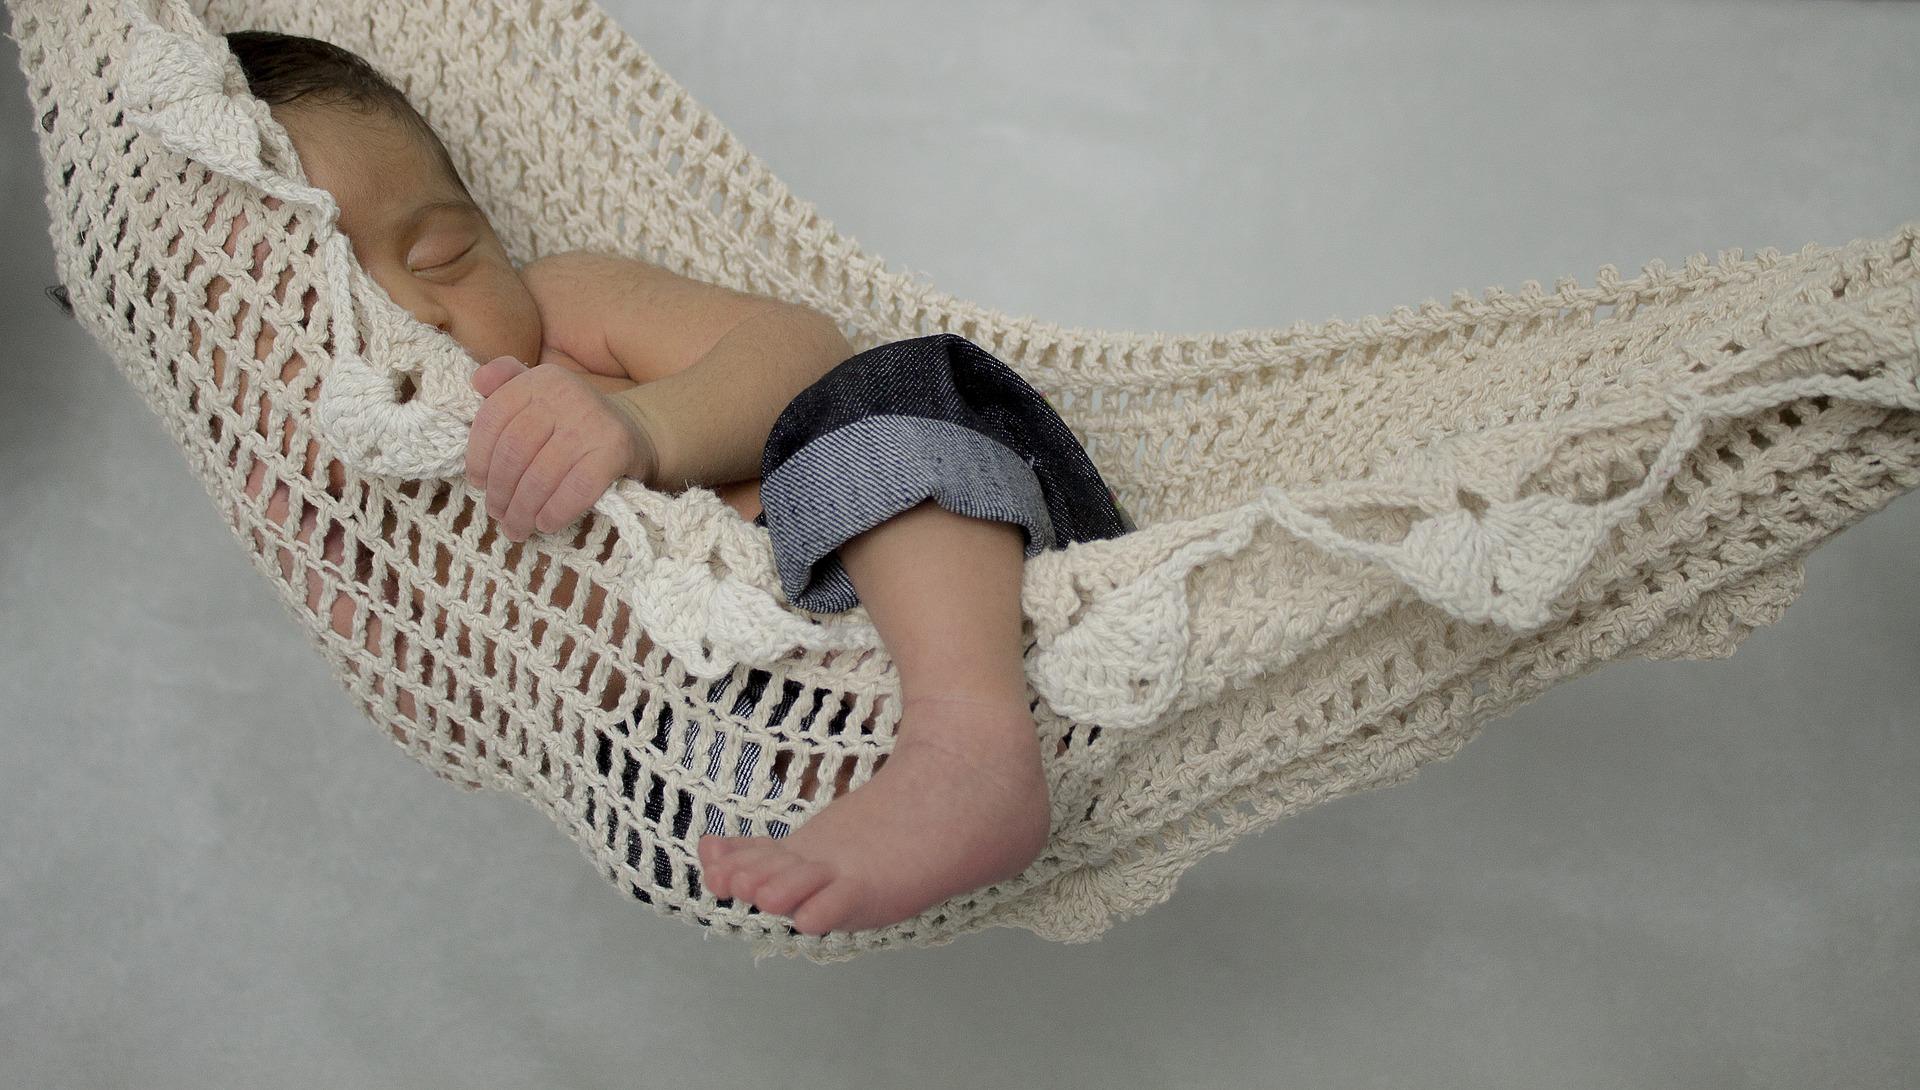 baby asleep in a hammock